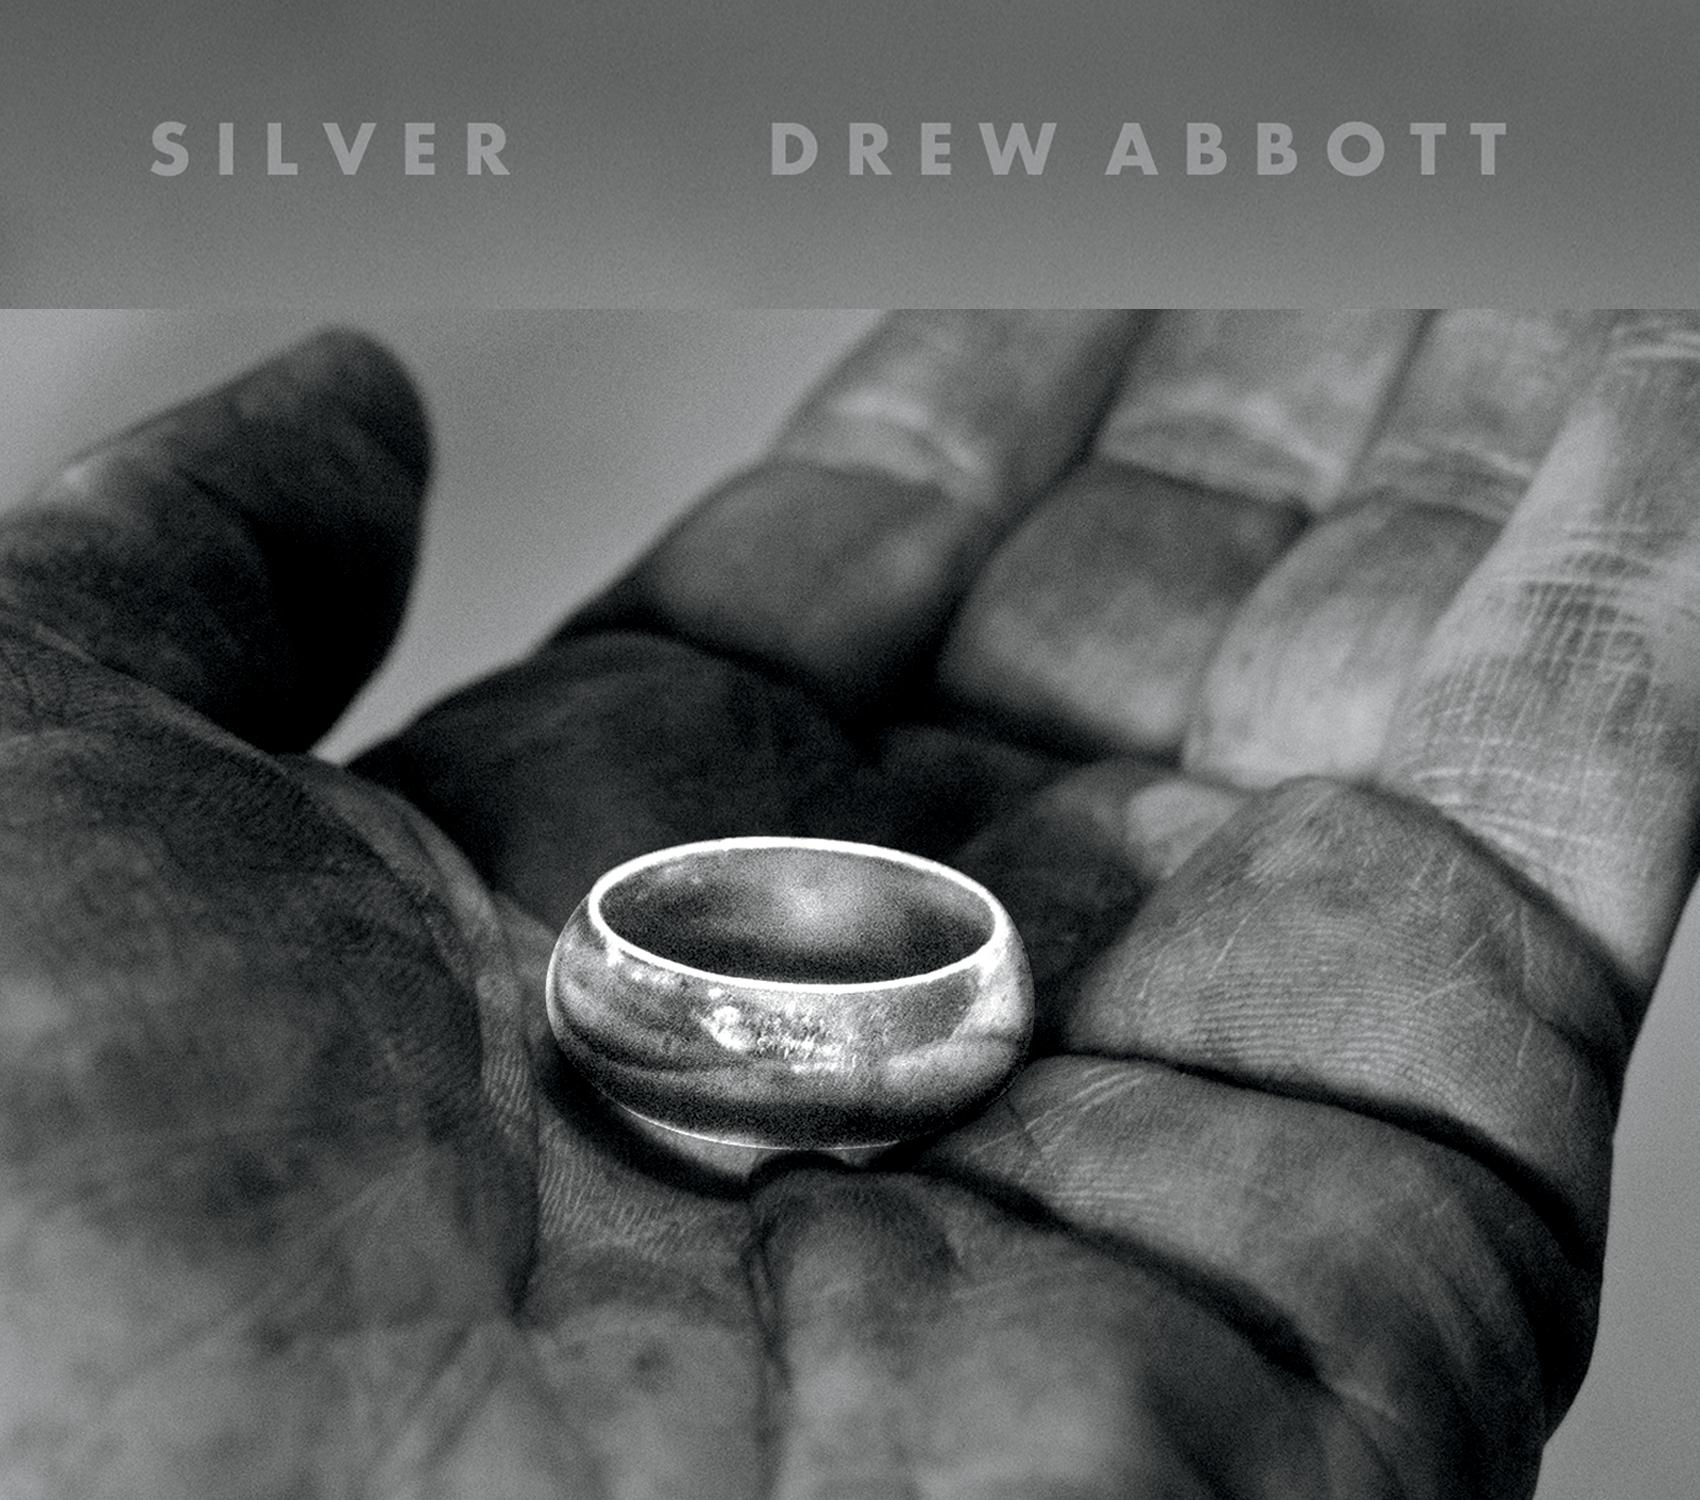 NEW ALBUM: SILVER